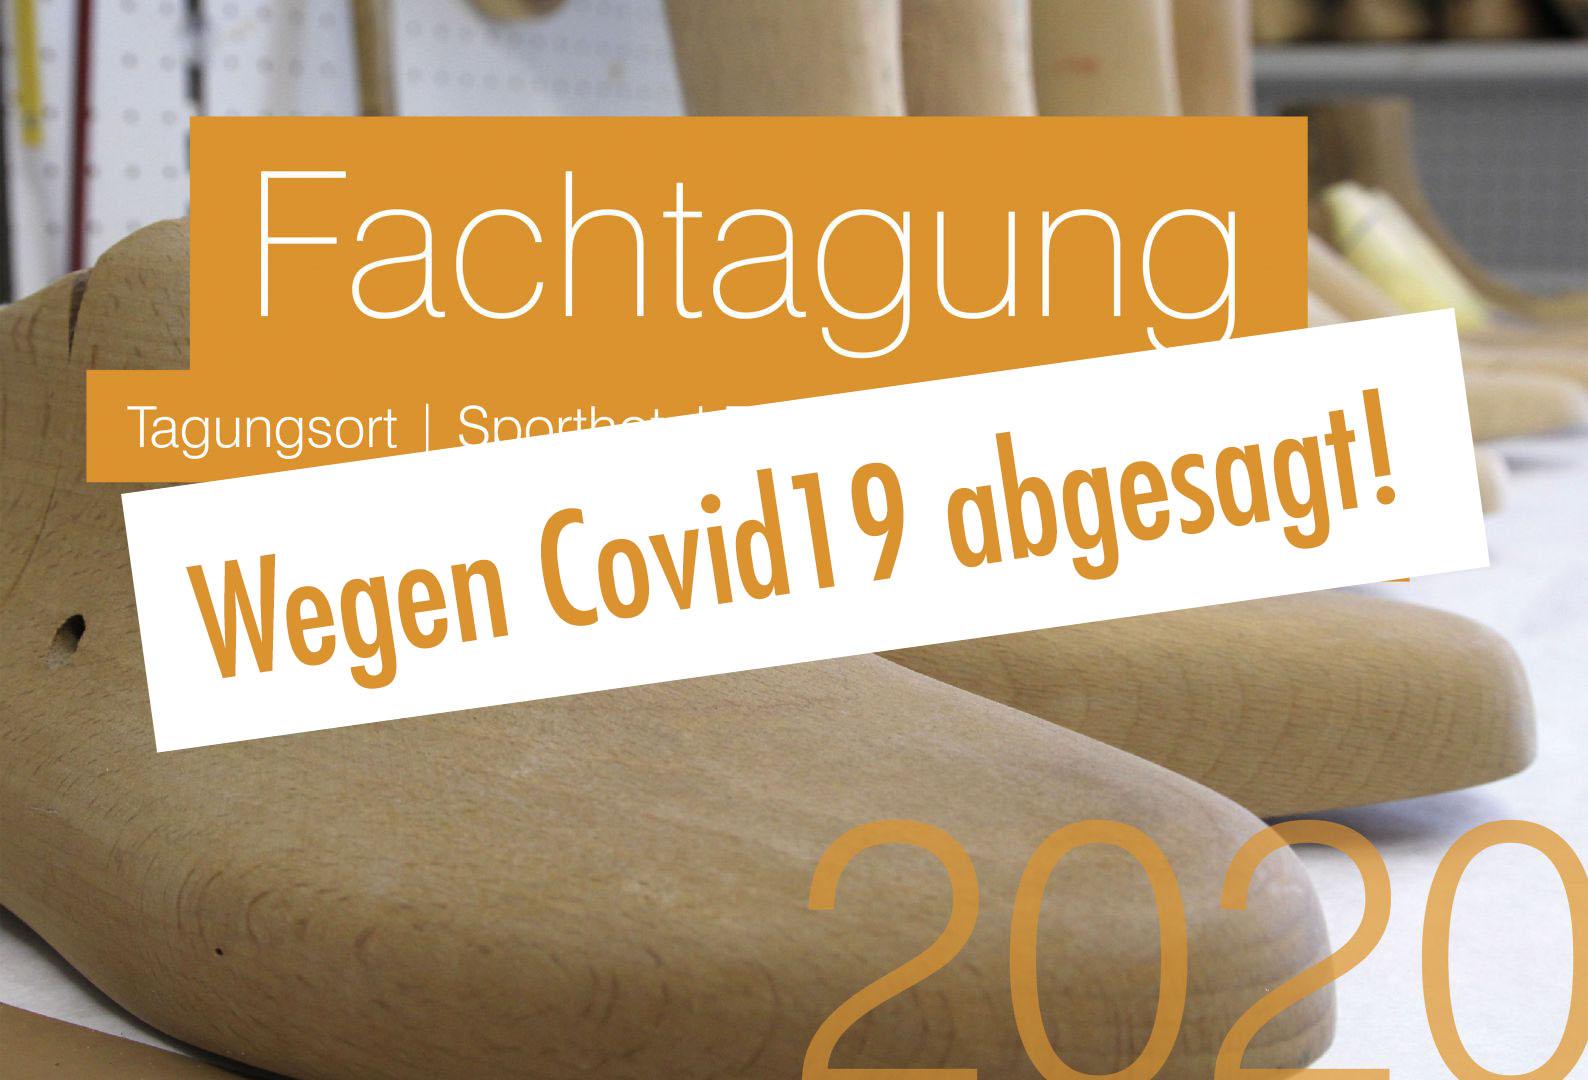 9.-11. Oktober 2020: Fachtagung in Schladming | Wegen COVID-19 abgesagt!